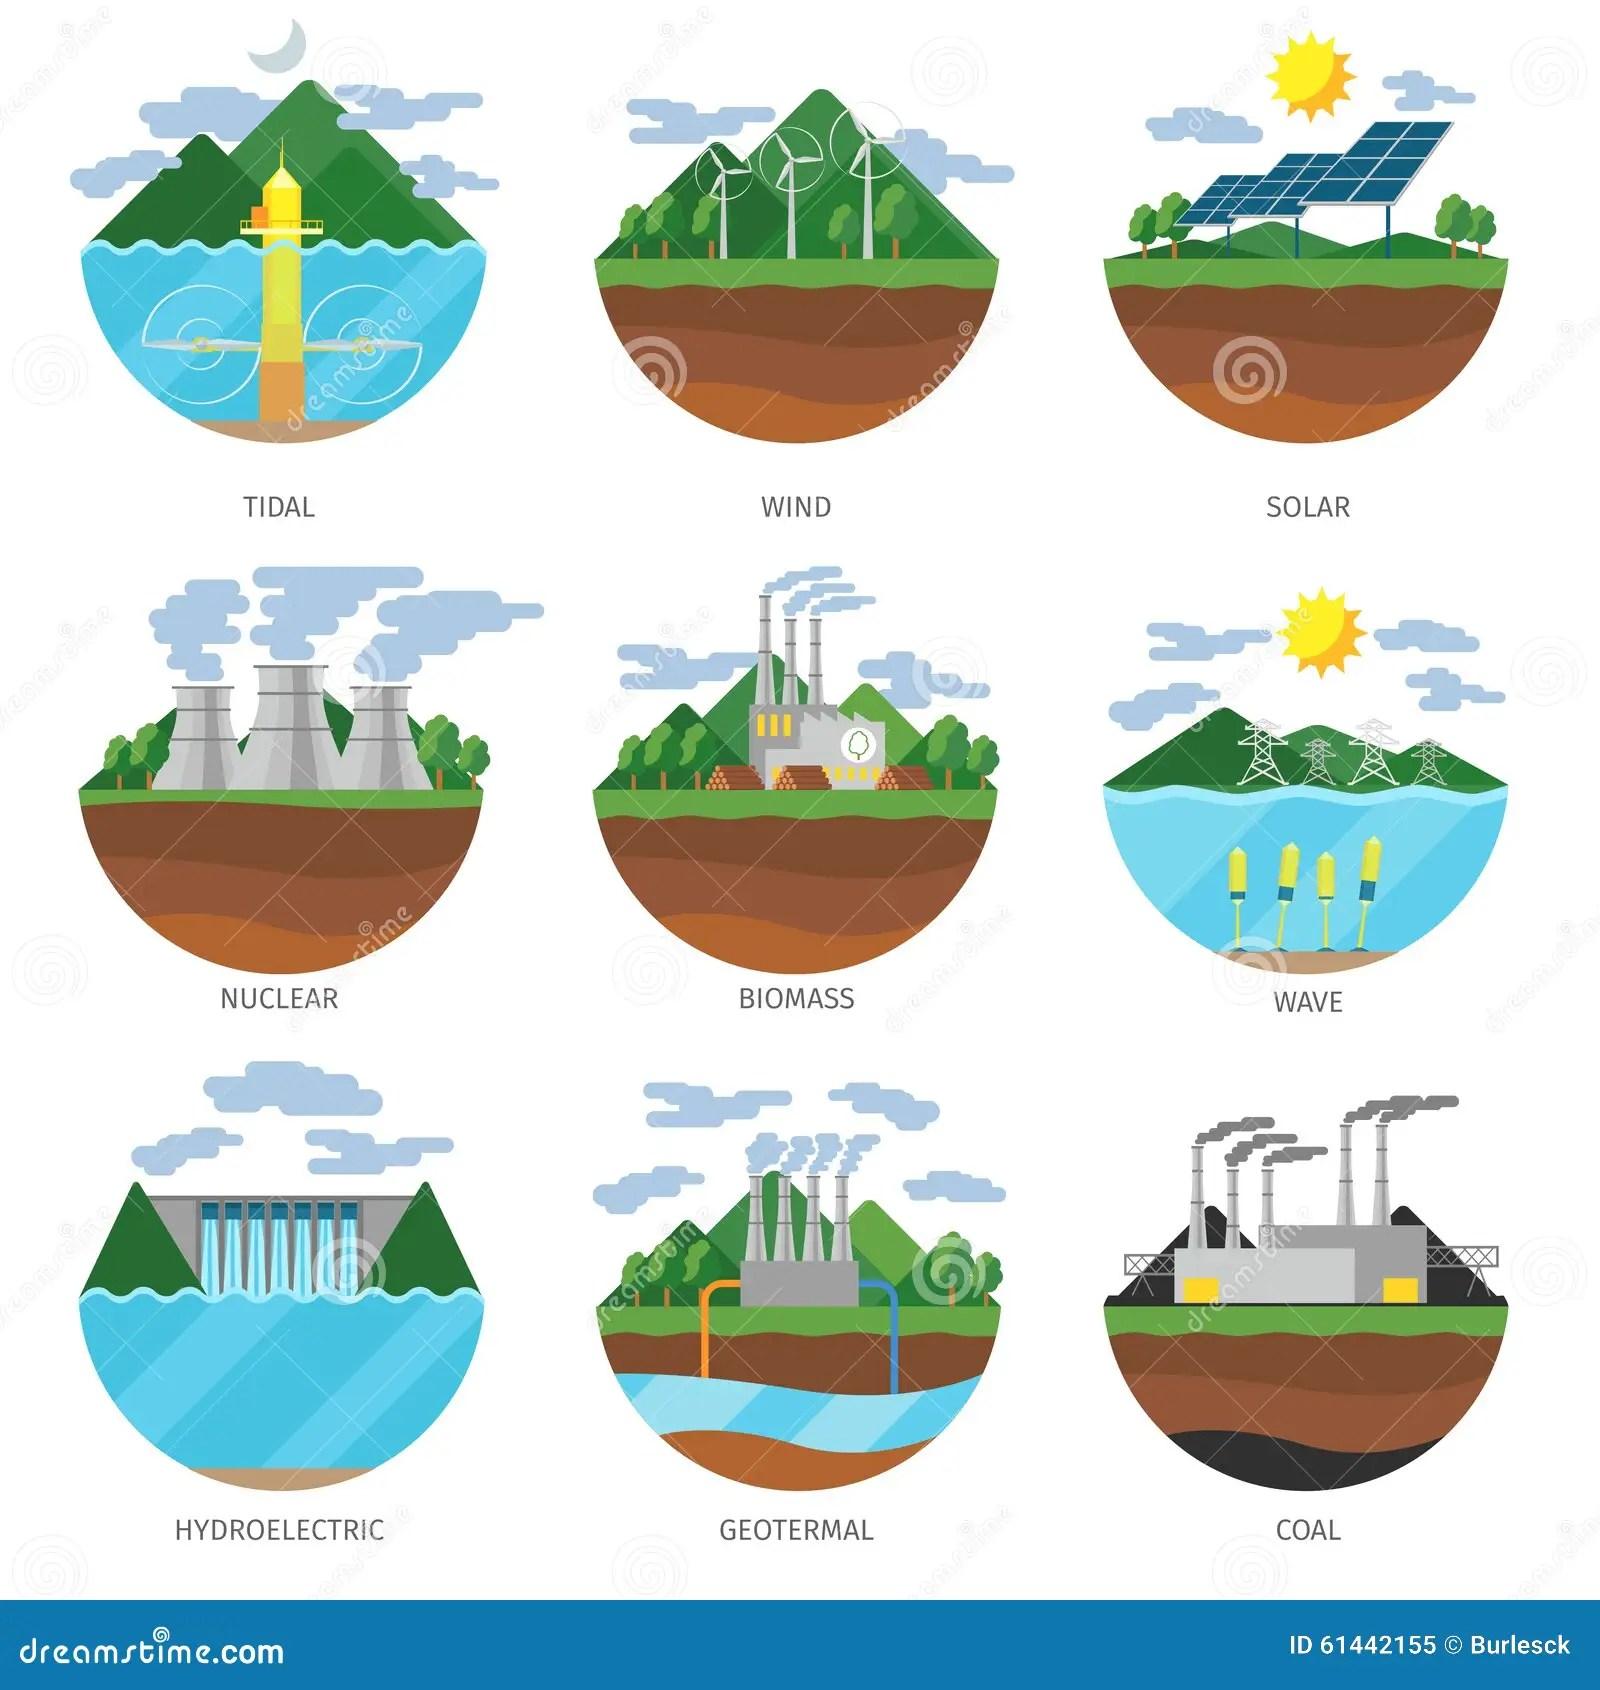 Worksheet 21 Kiic Energy